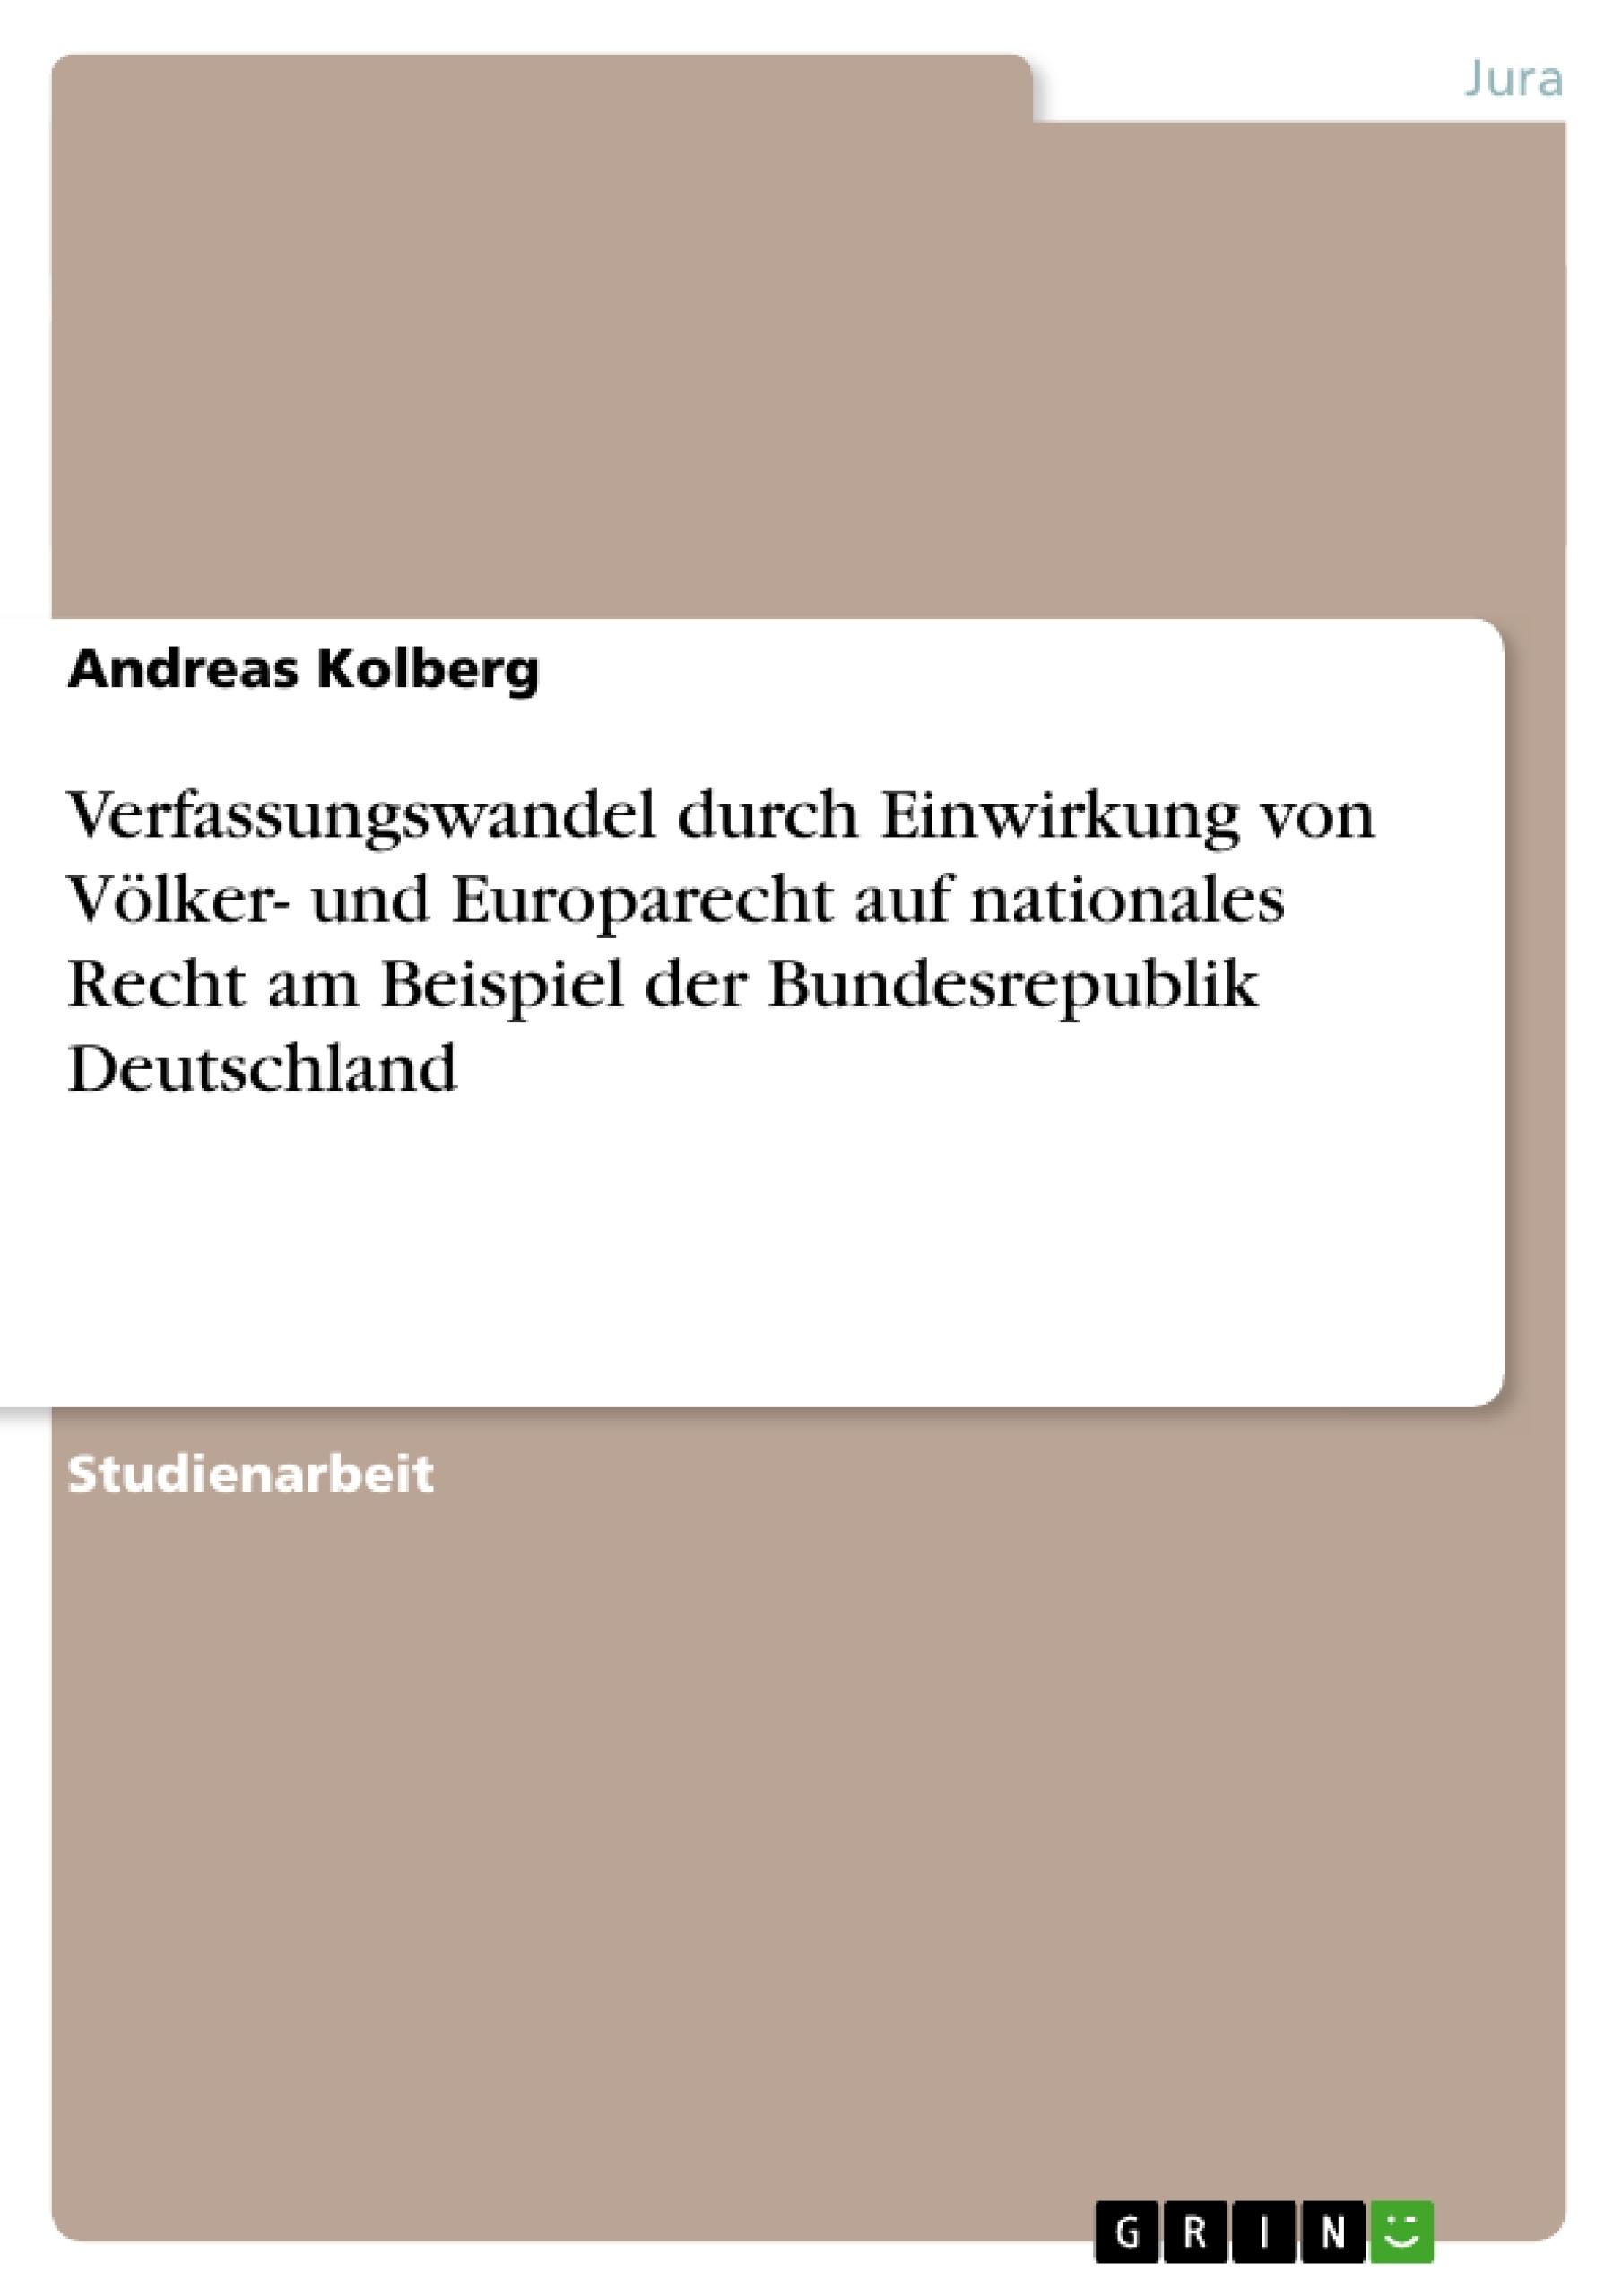 Titel: Verfassungswandel durch Einwirkung von Völker- und Europarecht auf nationales Recht am Beispiel der Bundesrepublik Deutschland